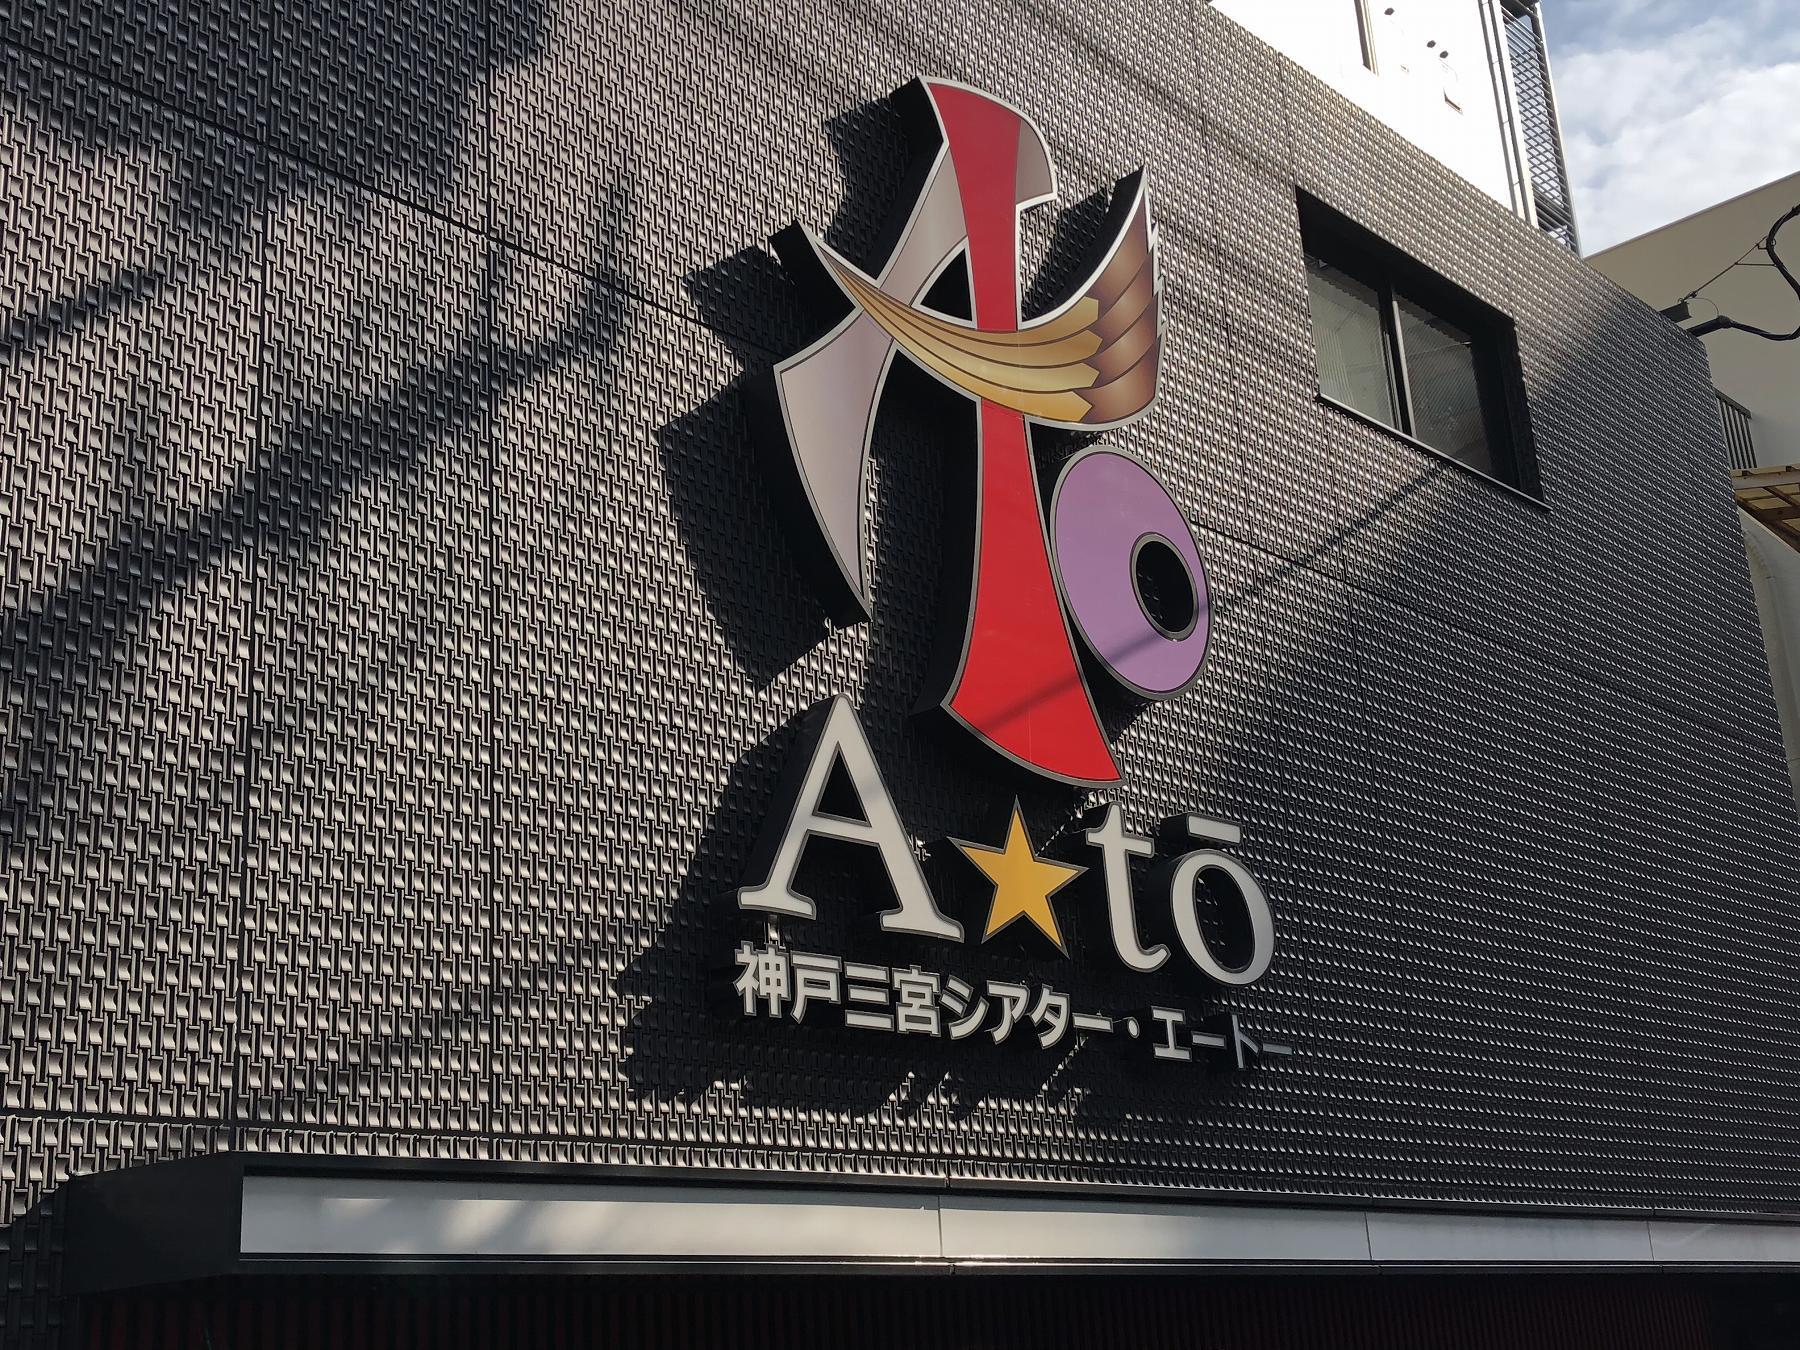 神戸・三宮の劇場「神戸三宮シアター・エートー」が1/15~1/29まで「 #エートーカフェ 」で無料開放中、内部を見学してみた! #神戸三宮シアター・エートー